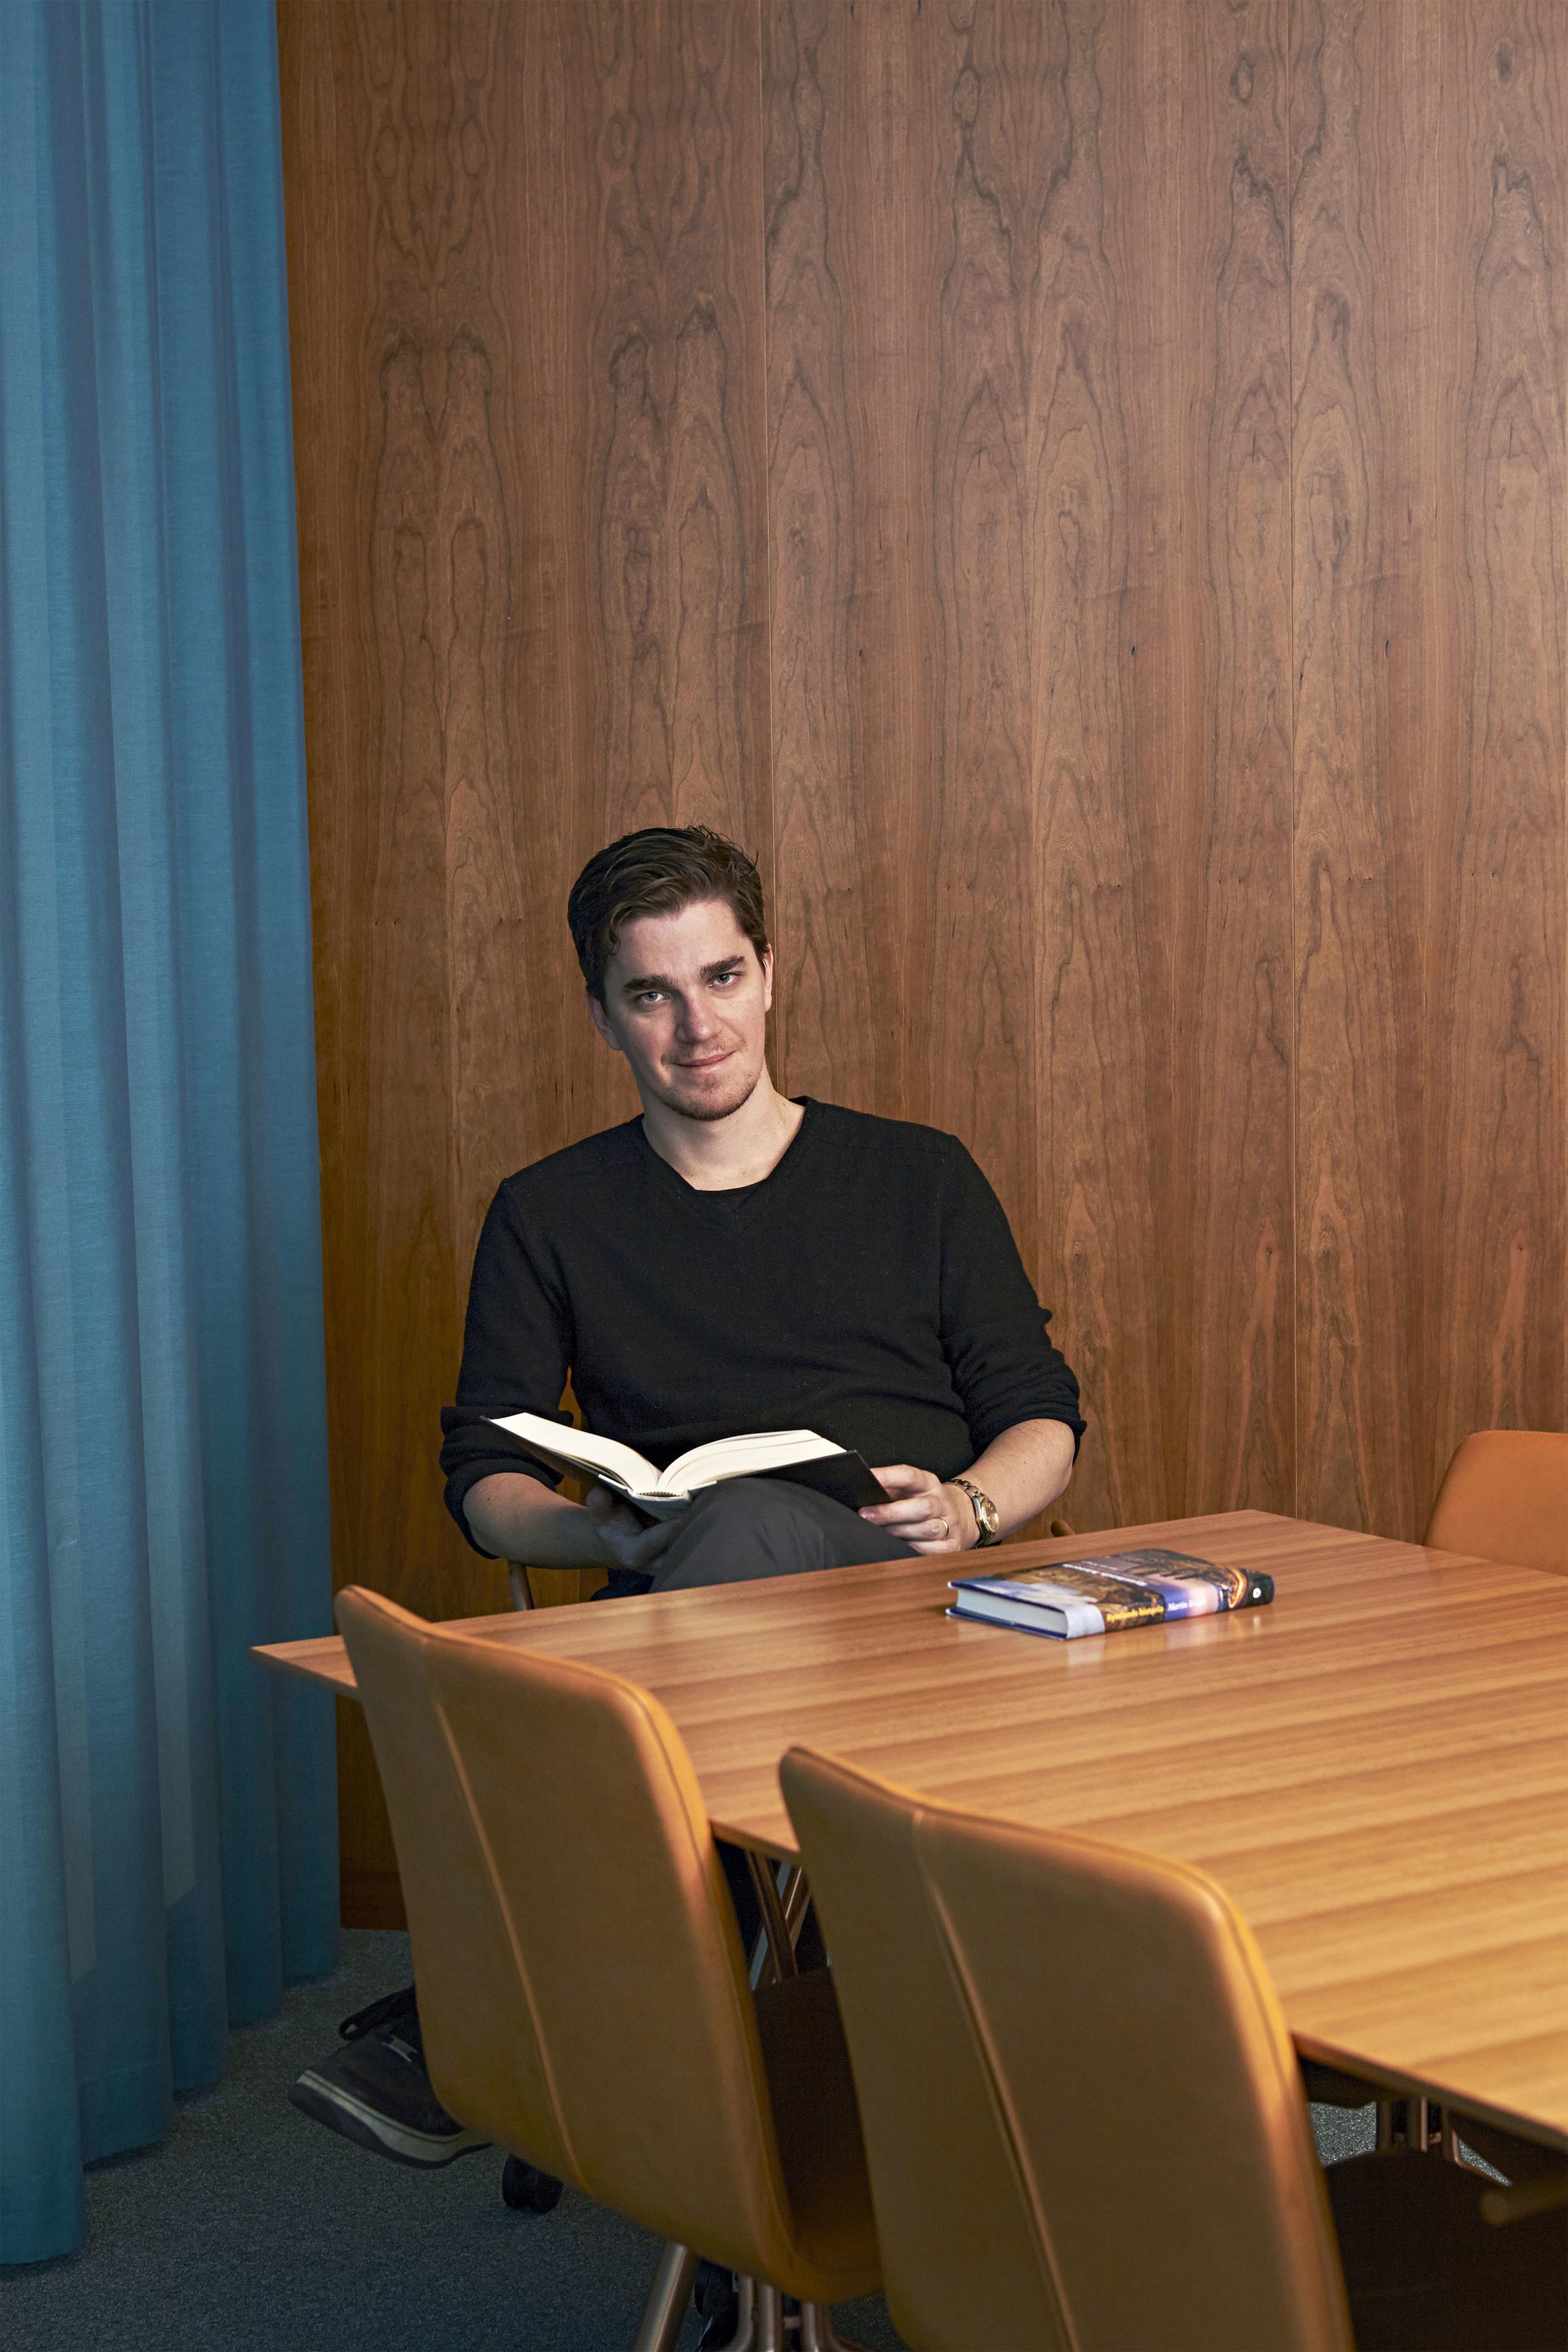 Foto: © Klas Sjöberg/LRF Media